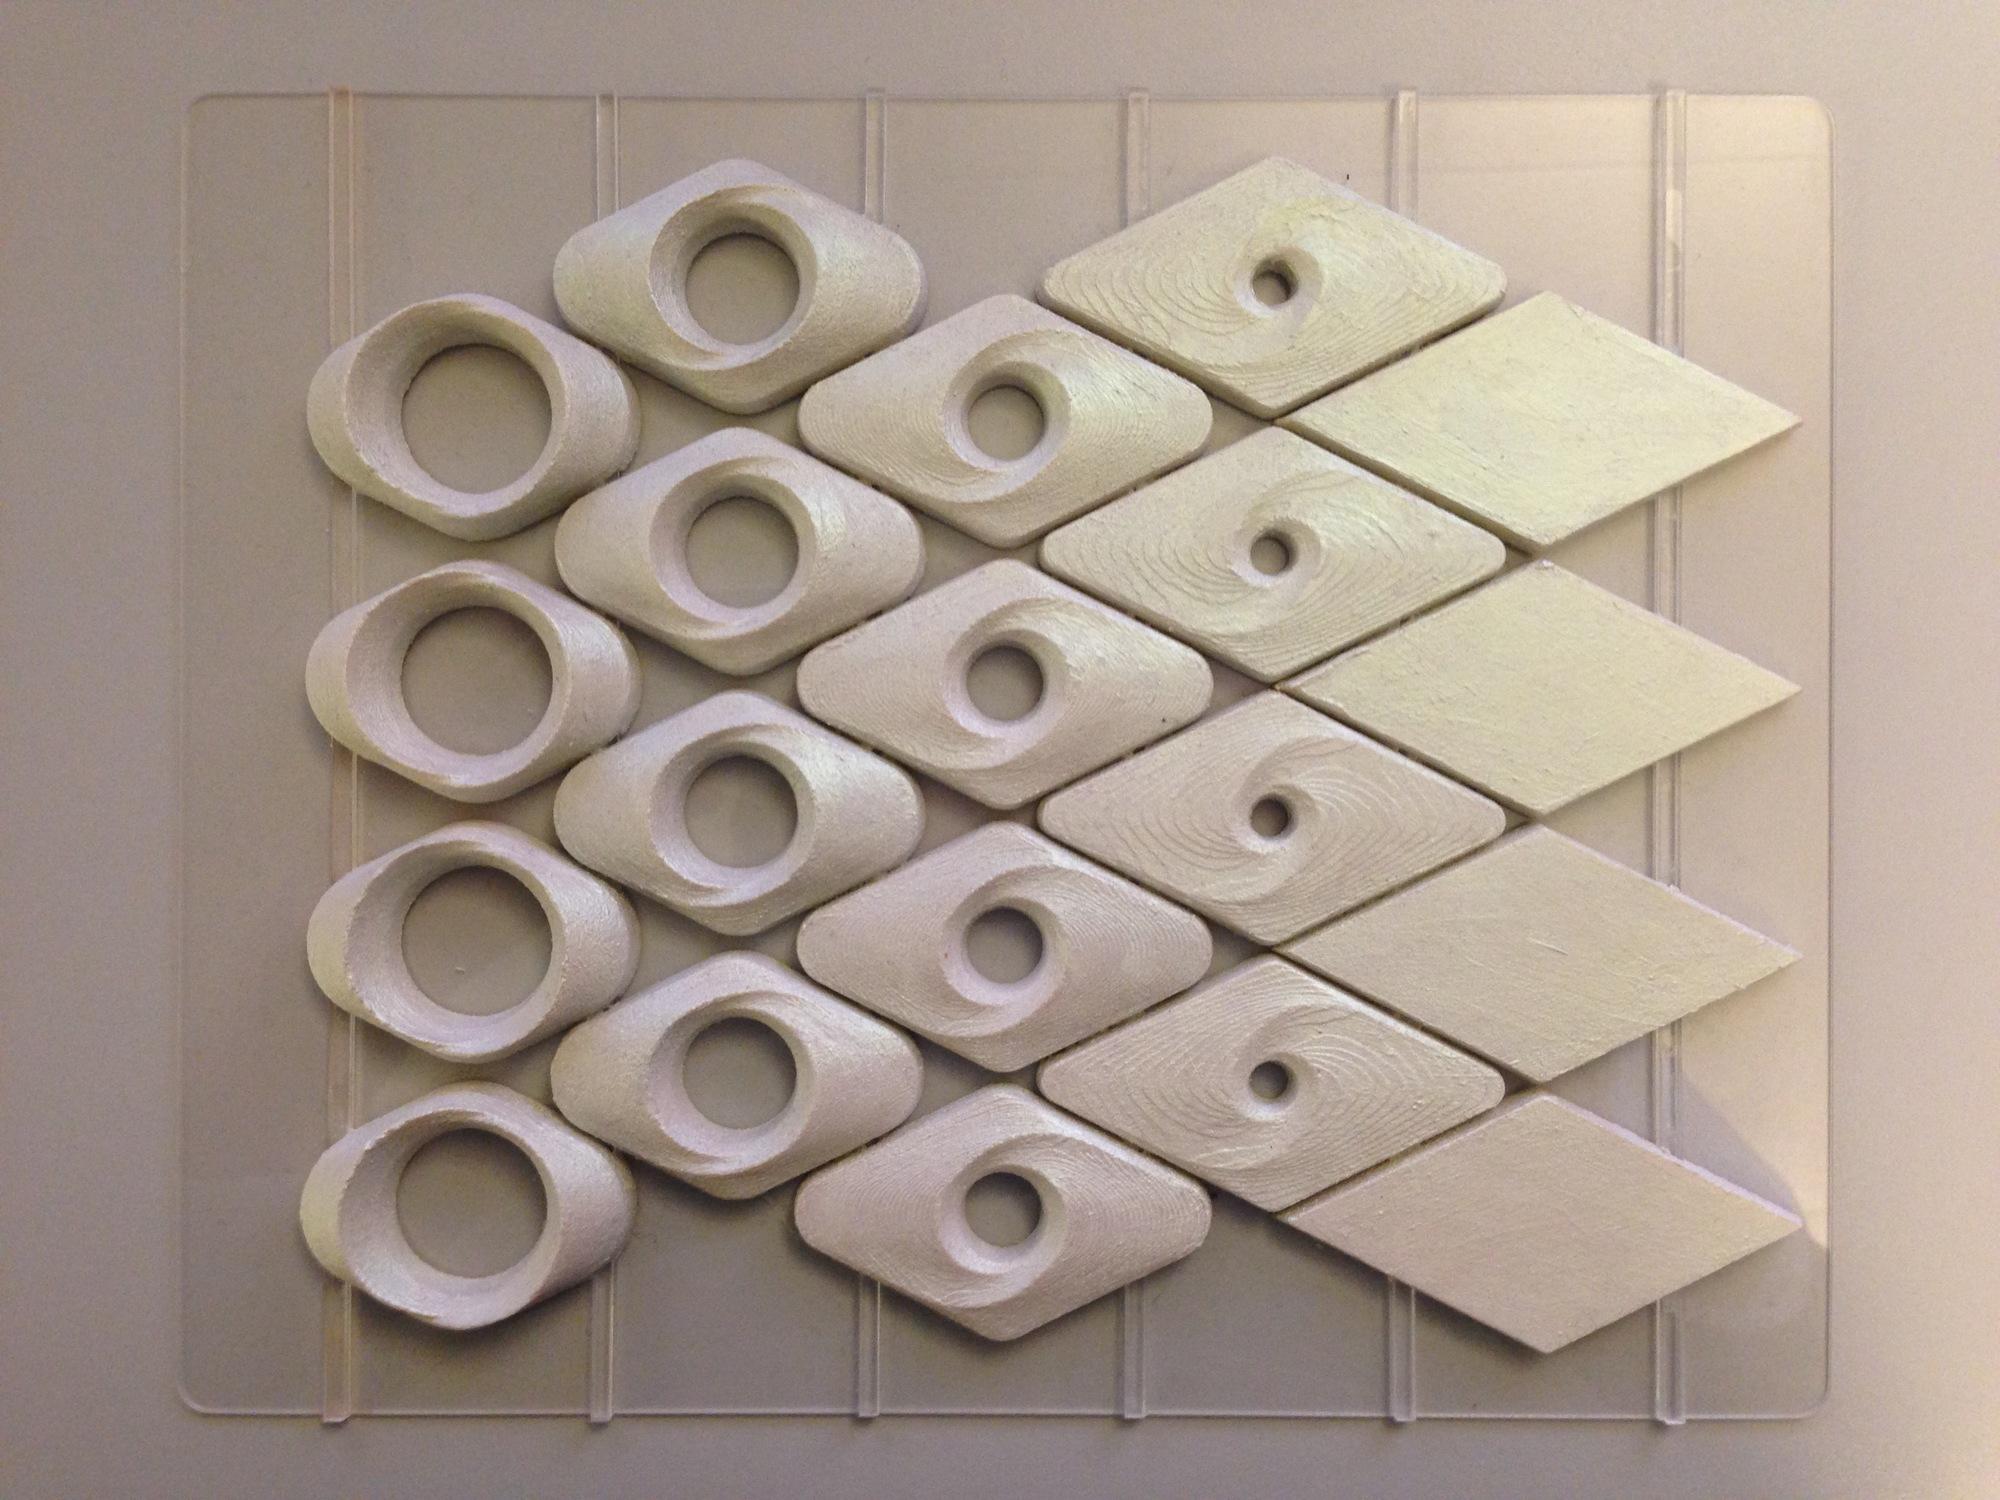 Ceramics in Architecture: Featured Contributor Christine Jetten